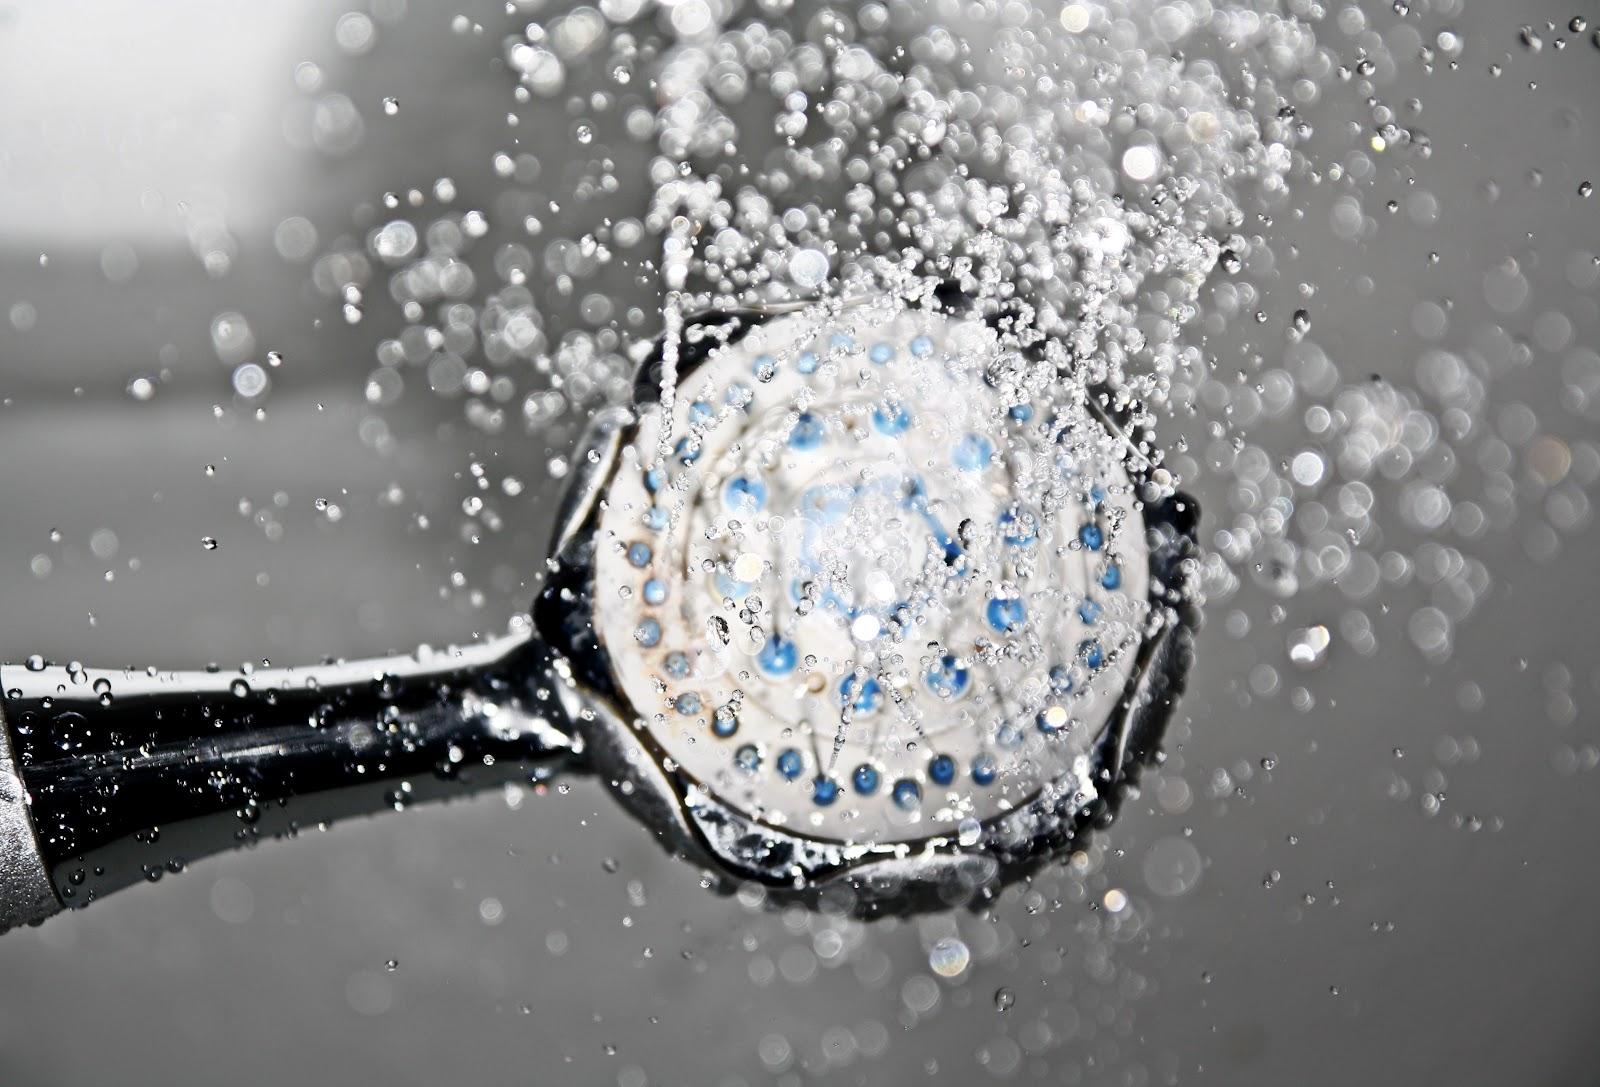 Um chuveiro saindo água.